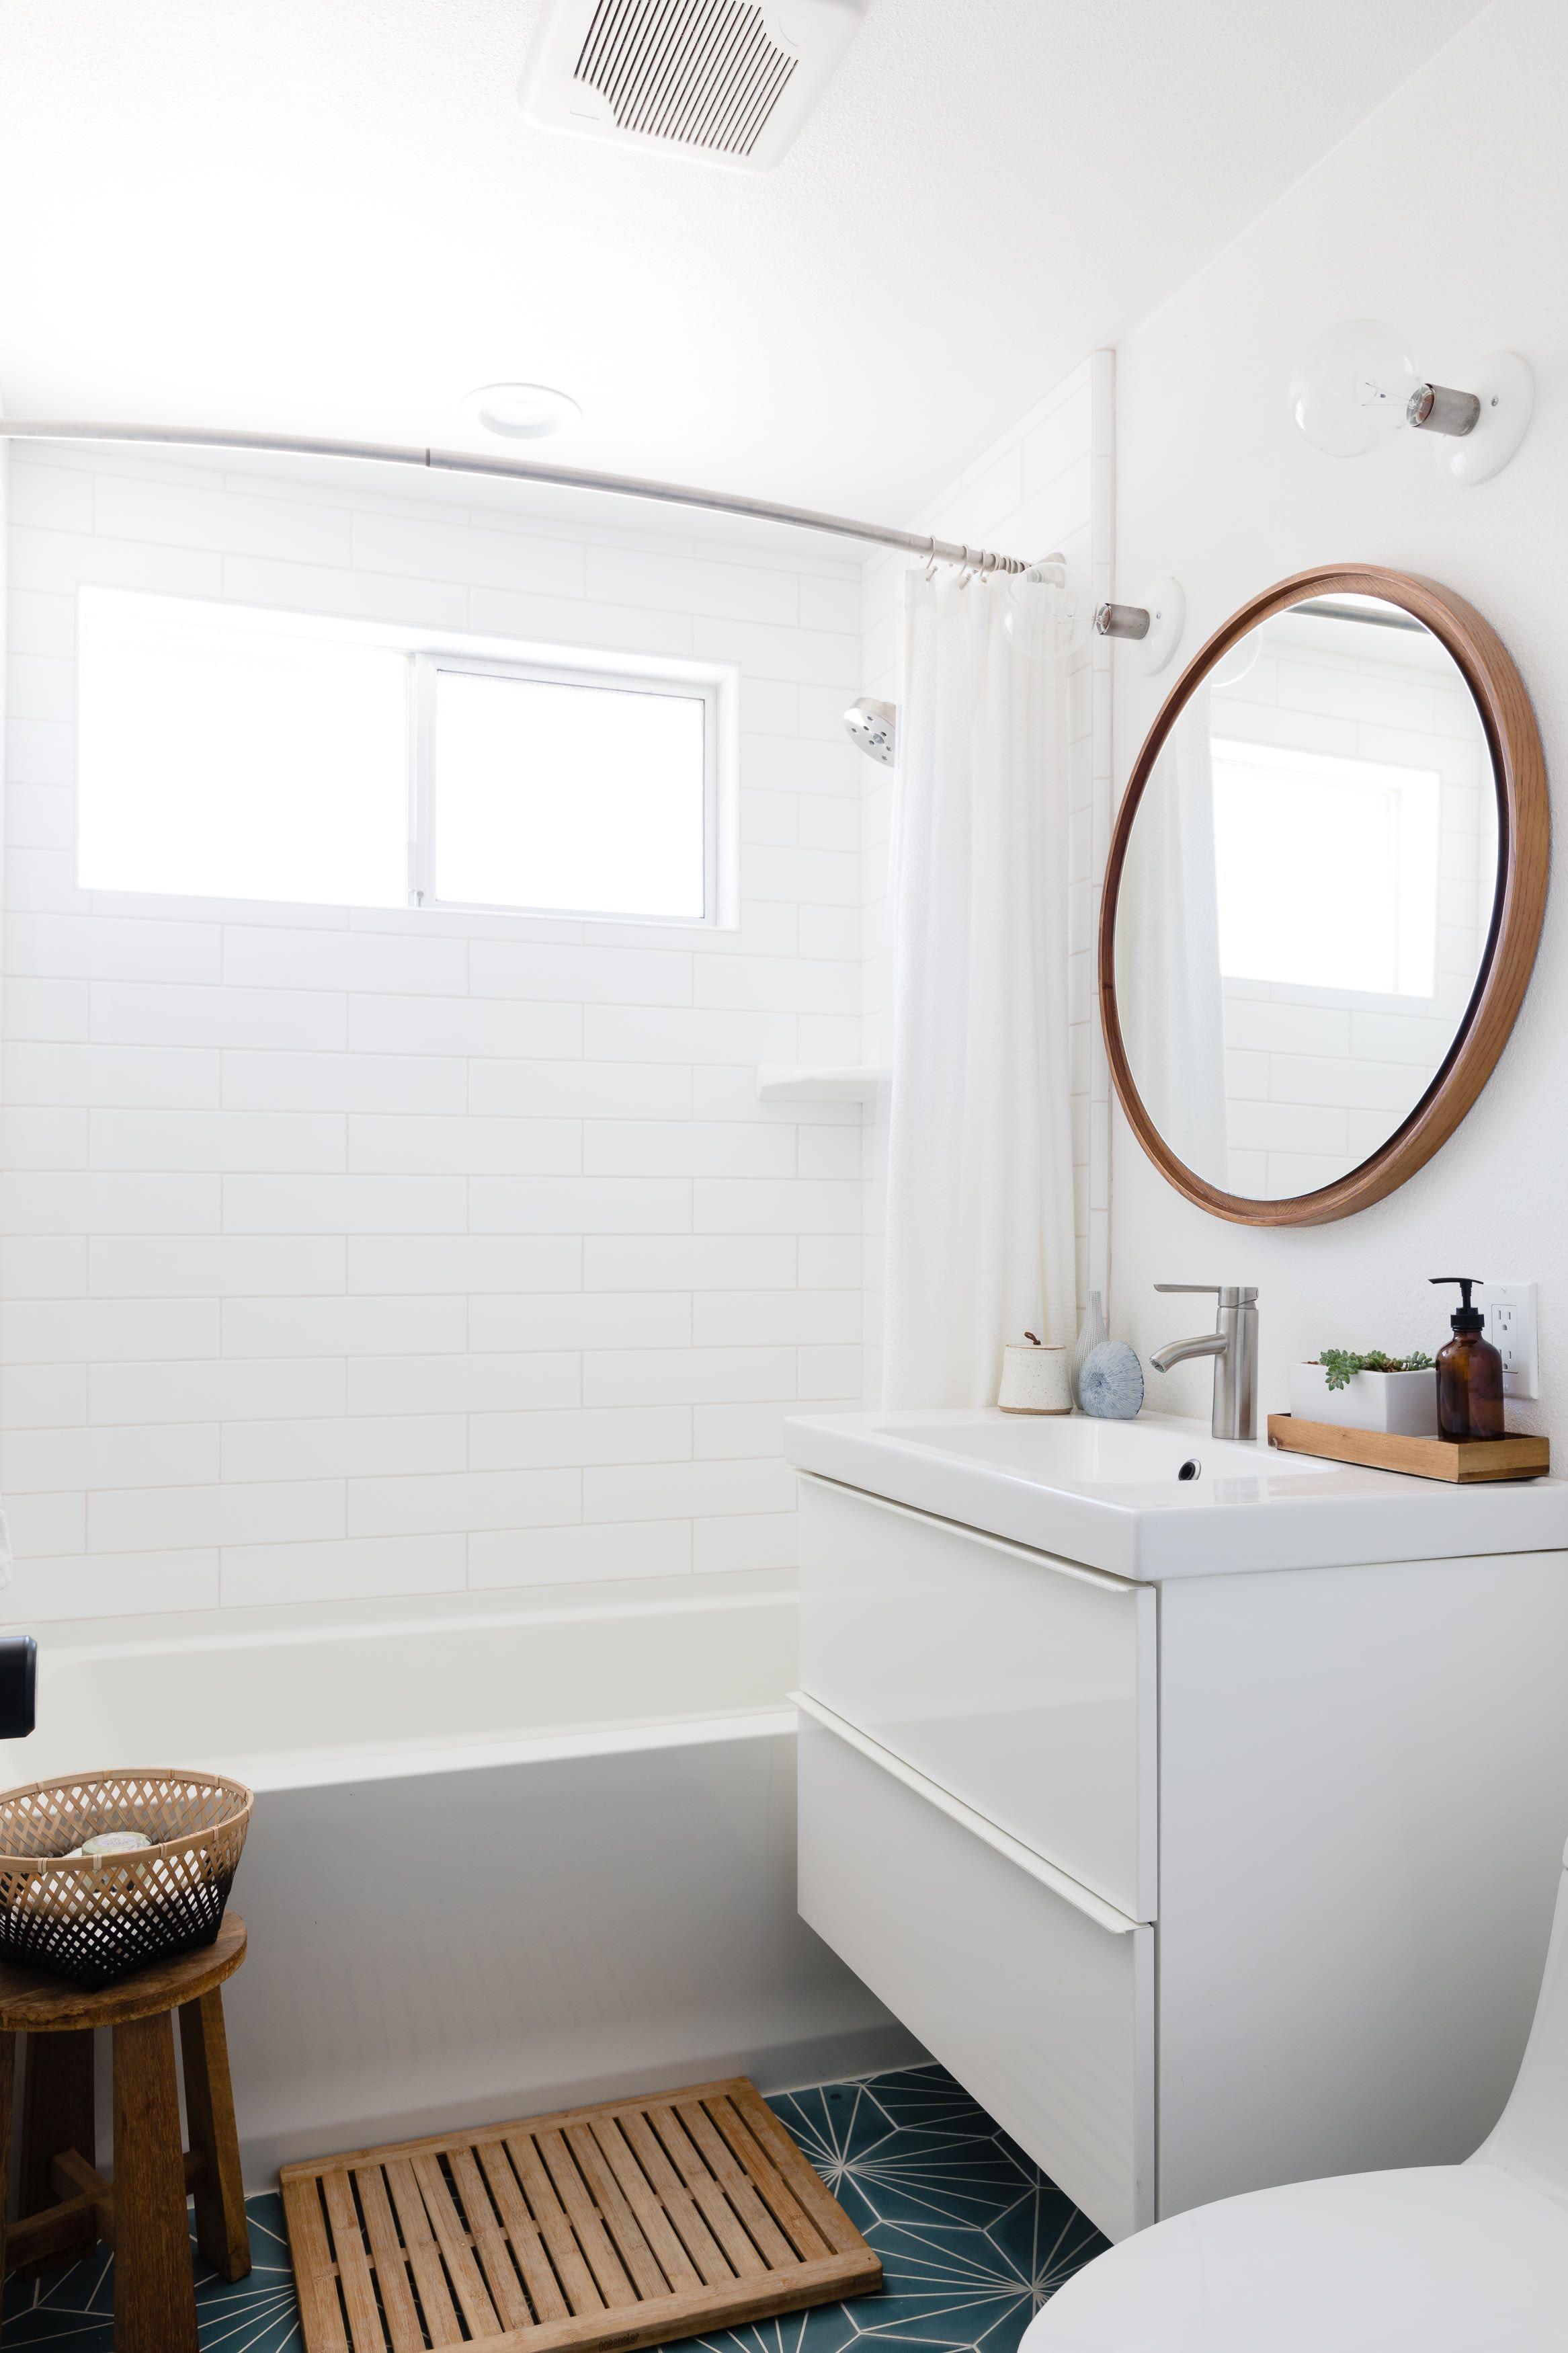 All Details You Need To Know About Home Decoration In 2020 Minimalistisches Badezimmer Badezimmer Design Badezimmer Klein